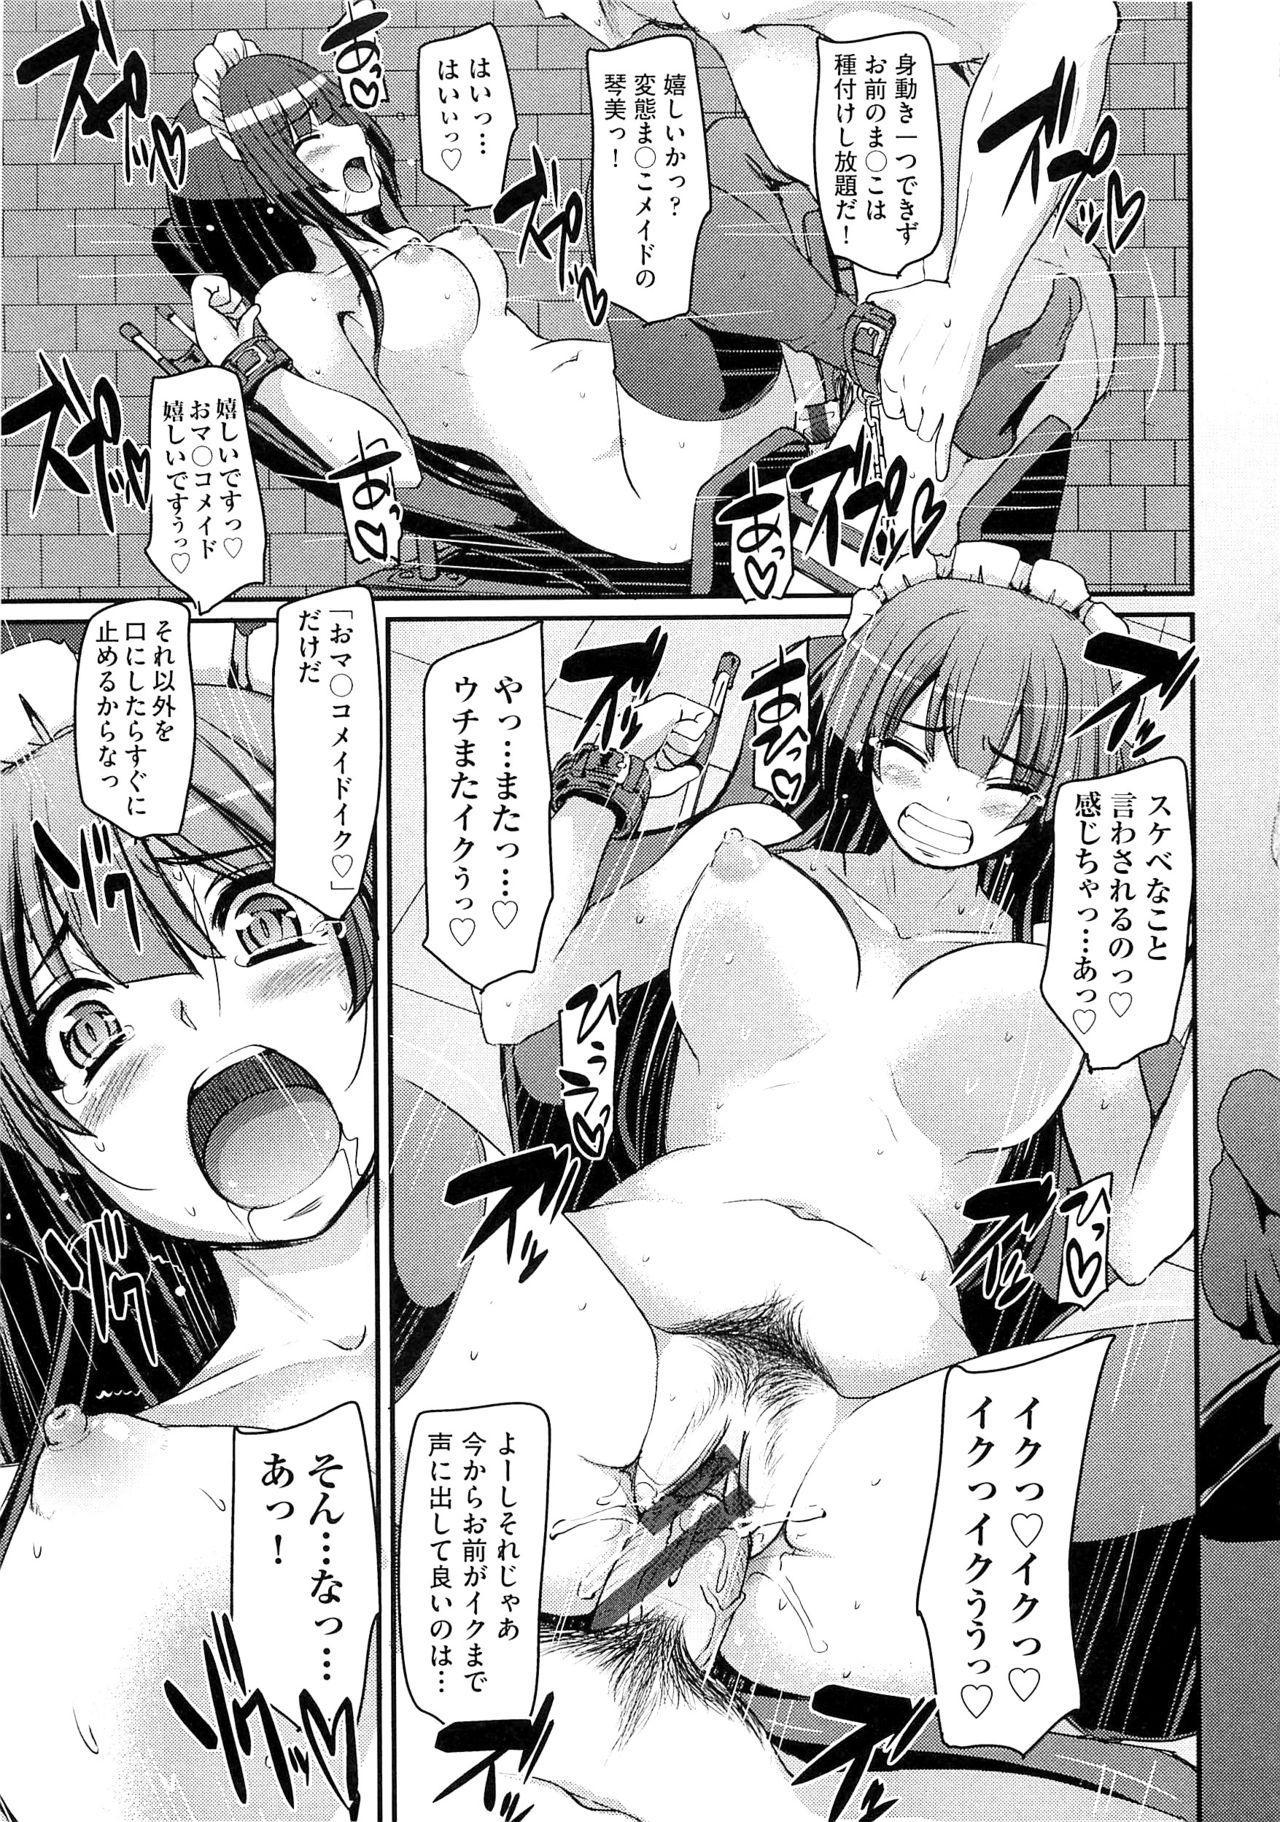 Maid Gakuen e Youkoso!! - Welcome to Maid Academy 102